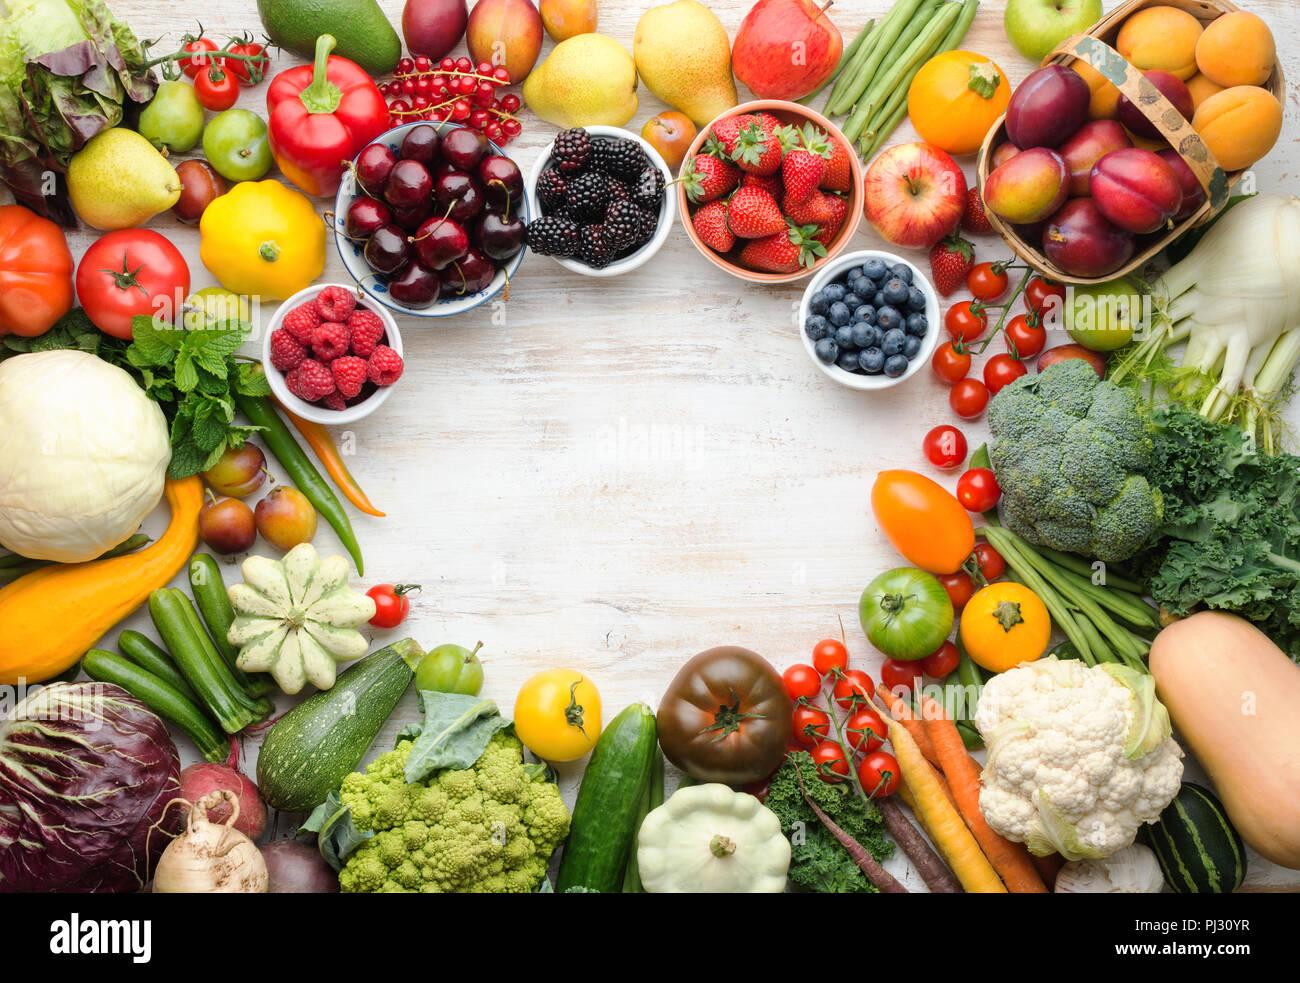 L'été frais fruits légumes baies, cerises Pêches Fraises fond Brocoli Chou-fleur tomates courge Haricots Carottes Betteraves, poivre, vue de dessus, selective focus Photo Stock